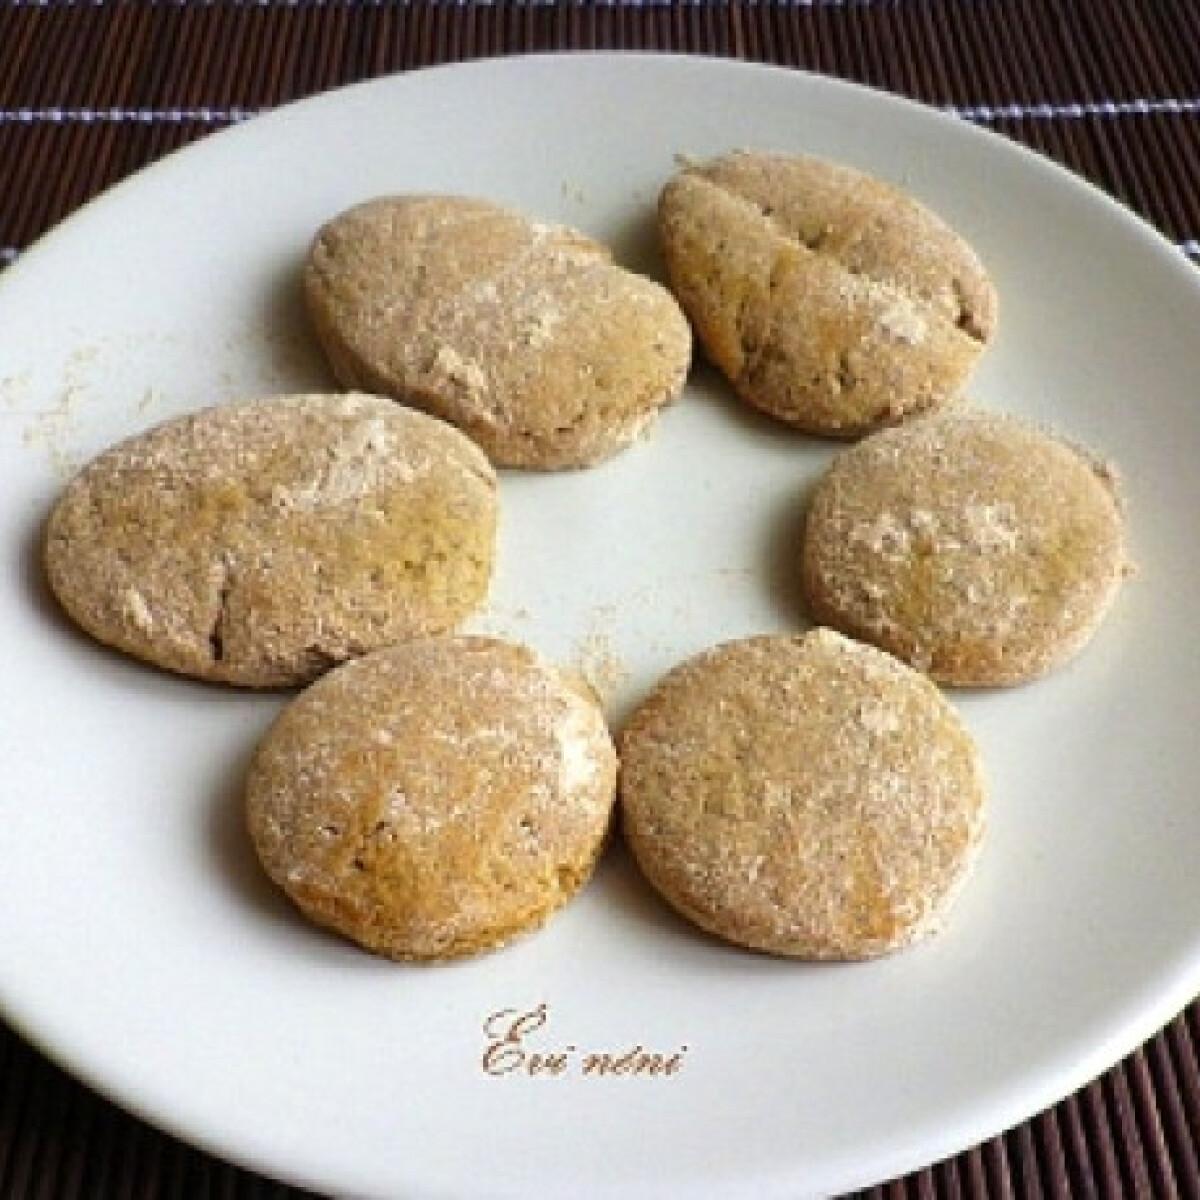 Fahéjas keksz Évi nénitől